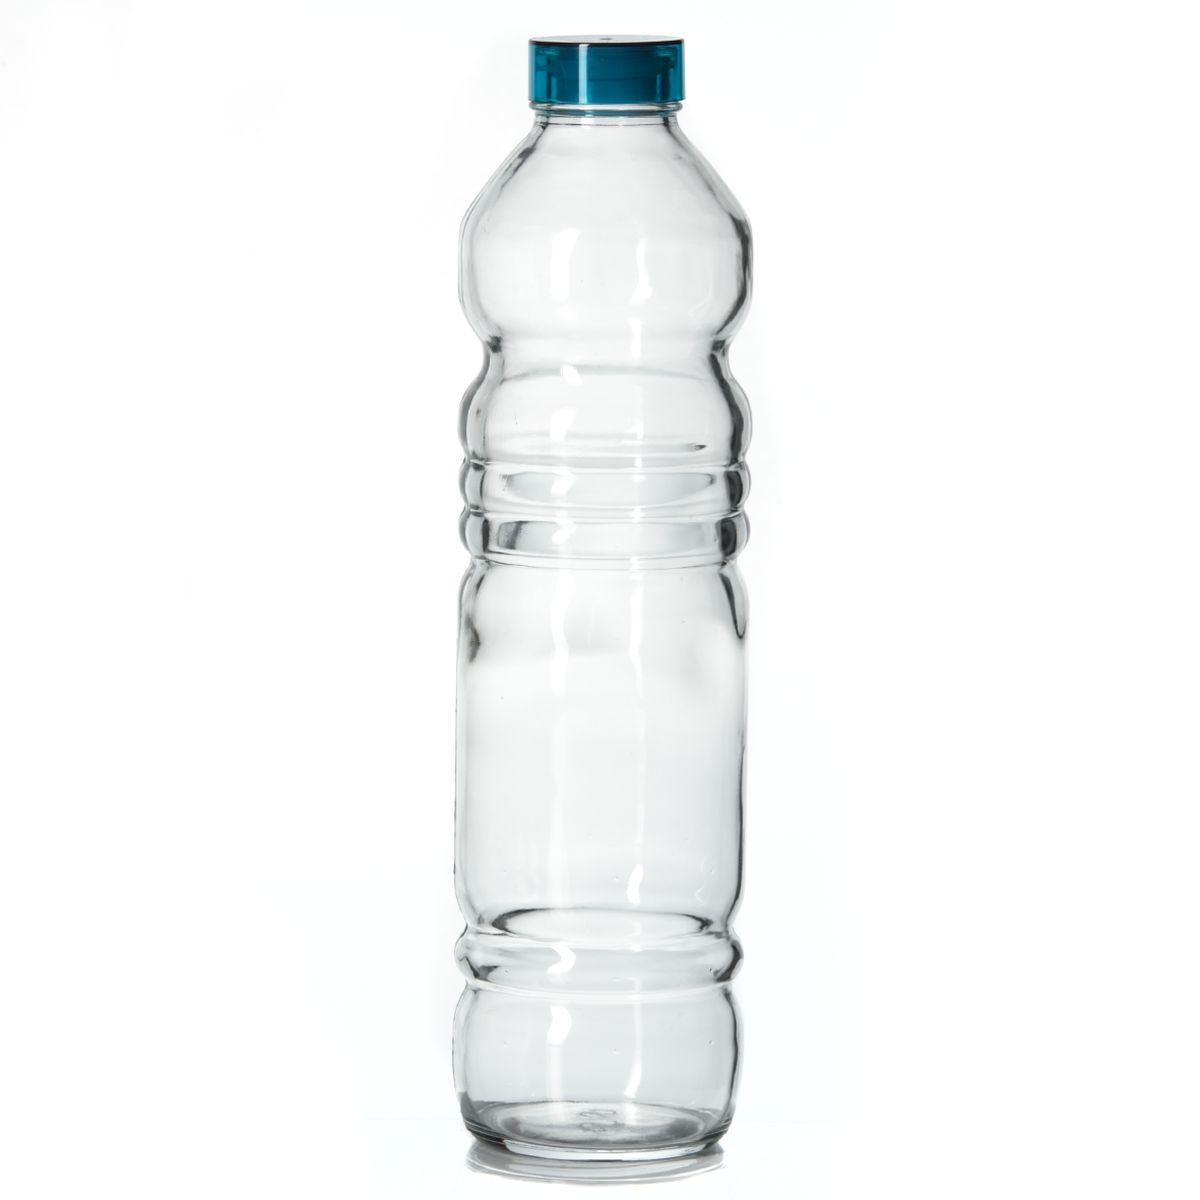 Бутылка Pasabahce Vita, 1100 мл66782001Бутылка Pasabahce Vita, изготовленная из стекла, предназначена для пищевых жидкостей. Бутылка оснащена пластмассовой крышкой с силиконовым уплотнительным кольцом внутри для герметичности. Изделие красиво переливается и излучает приятный блеск. Изящная форма и необычный дизайн сделают ее украшением вашего кухонного стола.Можно мыть в посудомоечной машине.Высота бутылки: 31 см.Диаметр дна: 7,5 см. Диаметр бутылки (по верхнему краю): 3,5 см.Объем: 1100 мл.